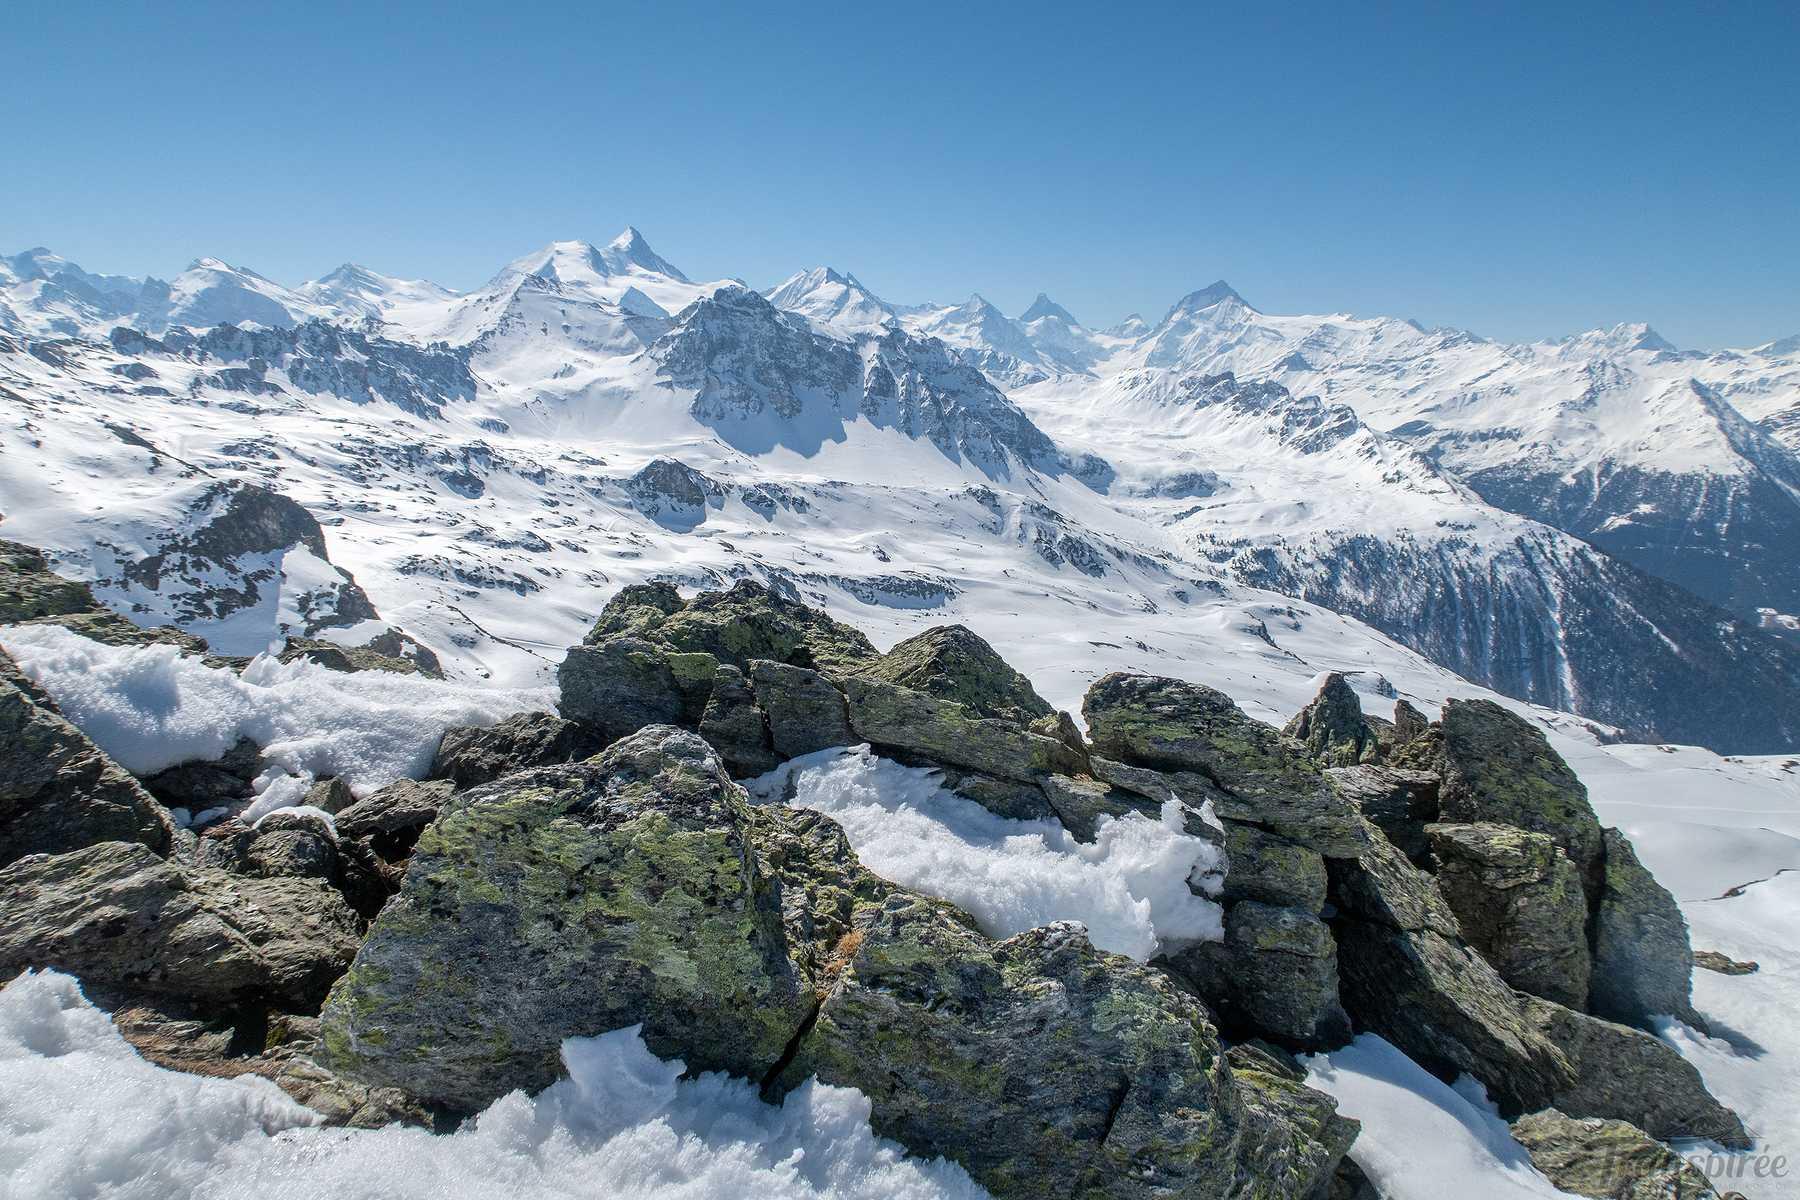 Ski de randonnée aux Ombrintses depuis Saint-Luc et la cabane Bella Tola